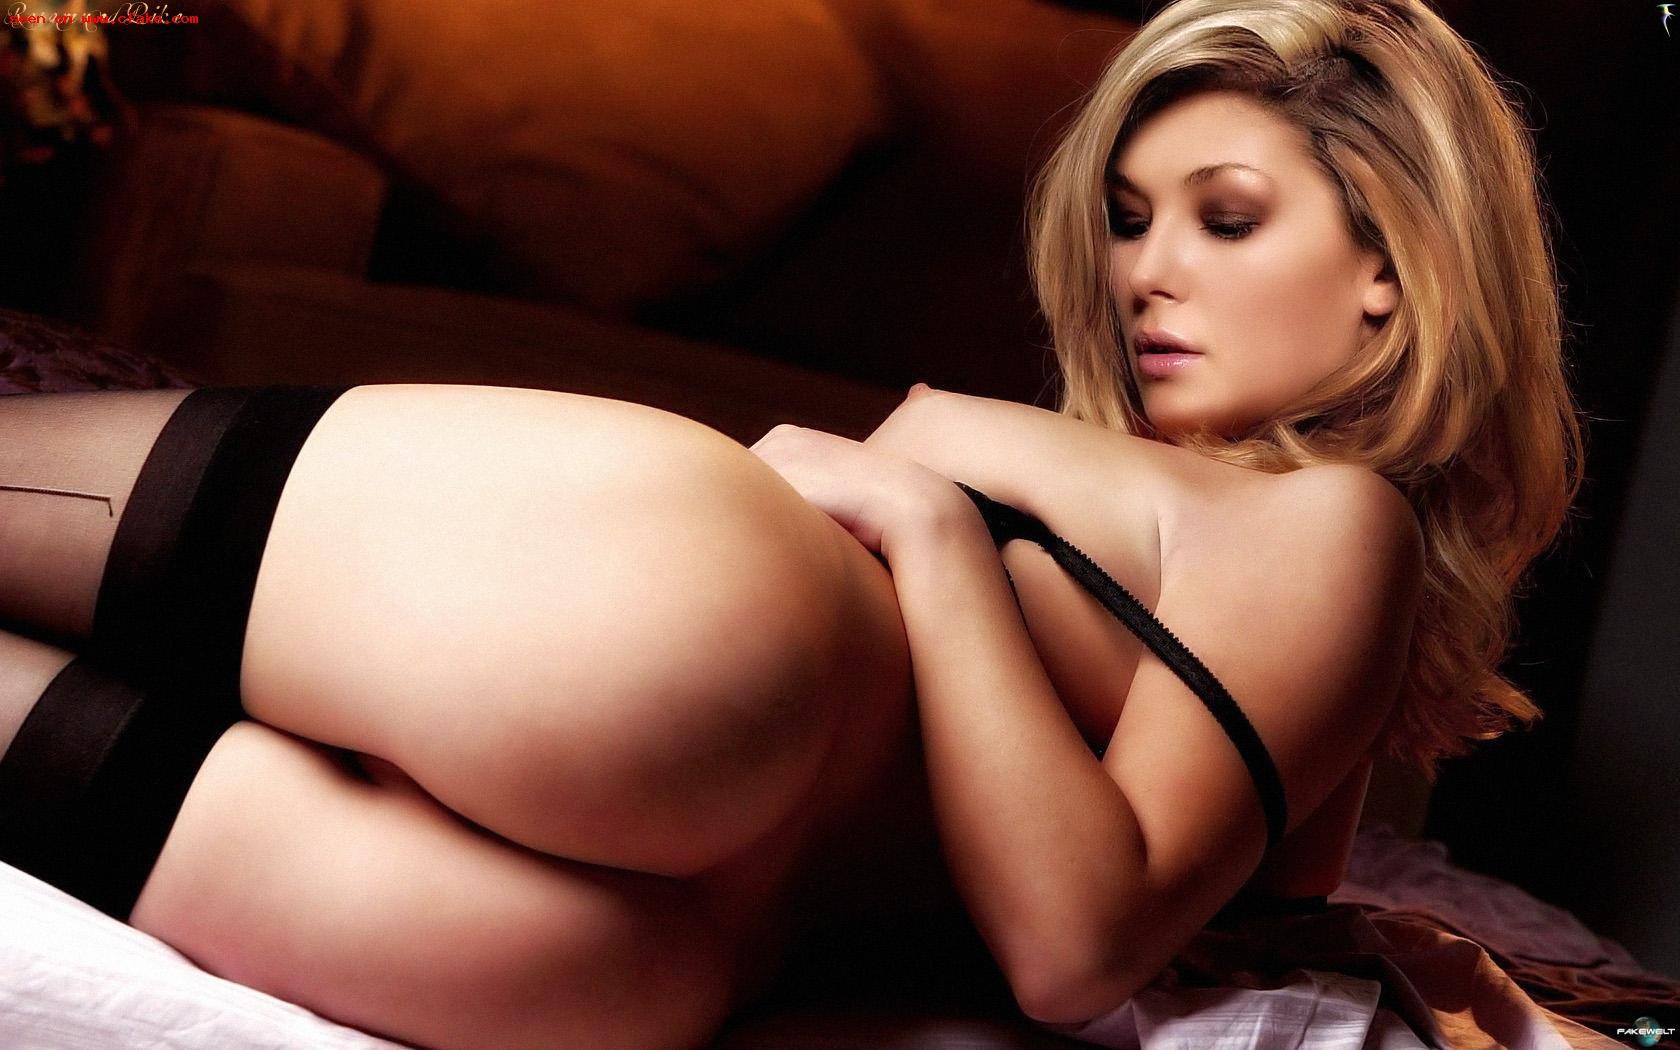 Rosamund Pike Nude Leaked Magazine Photo